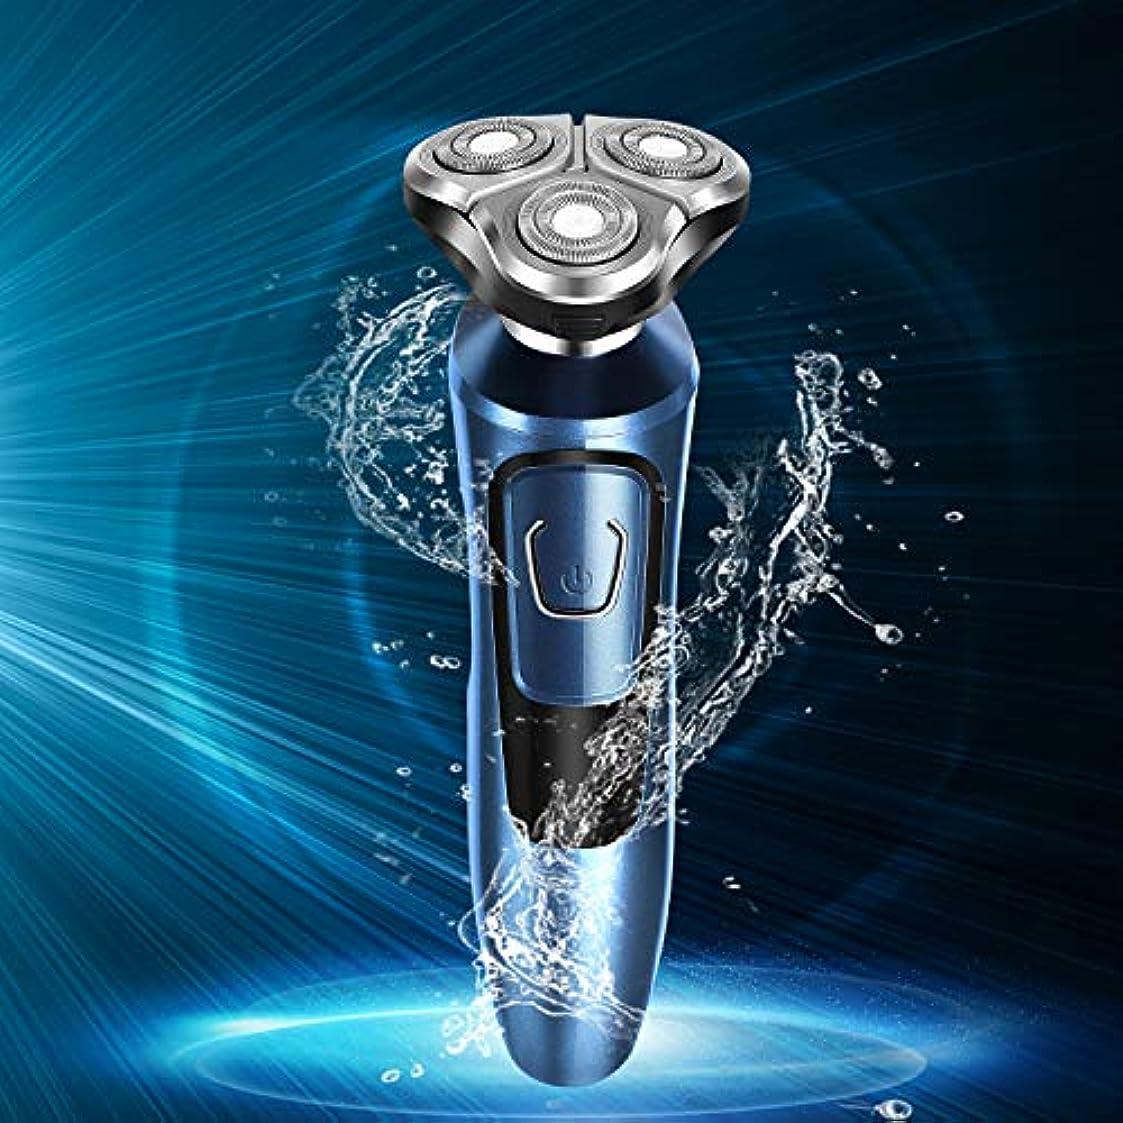 オーストラリアフルーティー起点シェーバー 電動シェーバー メンズ 電気シェーバー 髭剃り USB充電式 1台3役 3枚刃 回転式 LEDディスプレイ IPX7防水 水洗可能 3D鼻毛カッター トリマー 洗顔ブラシ付き 多機能 安全ロック機能付き